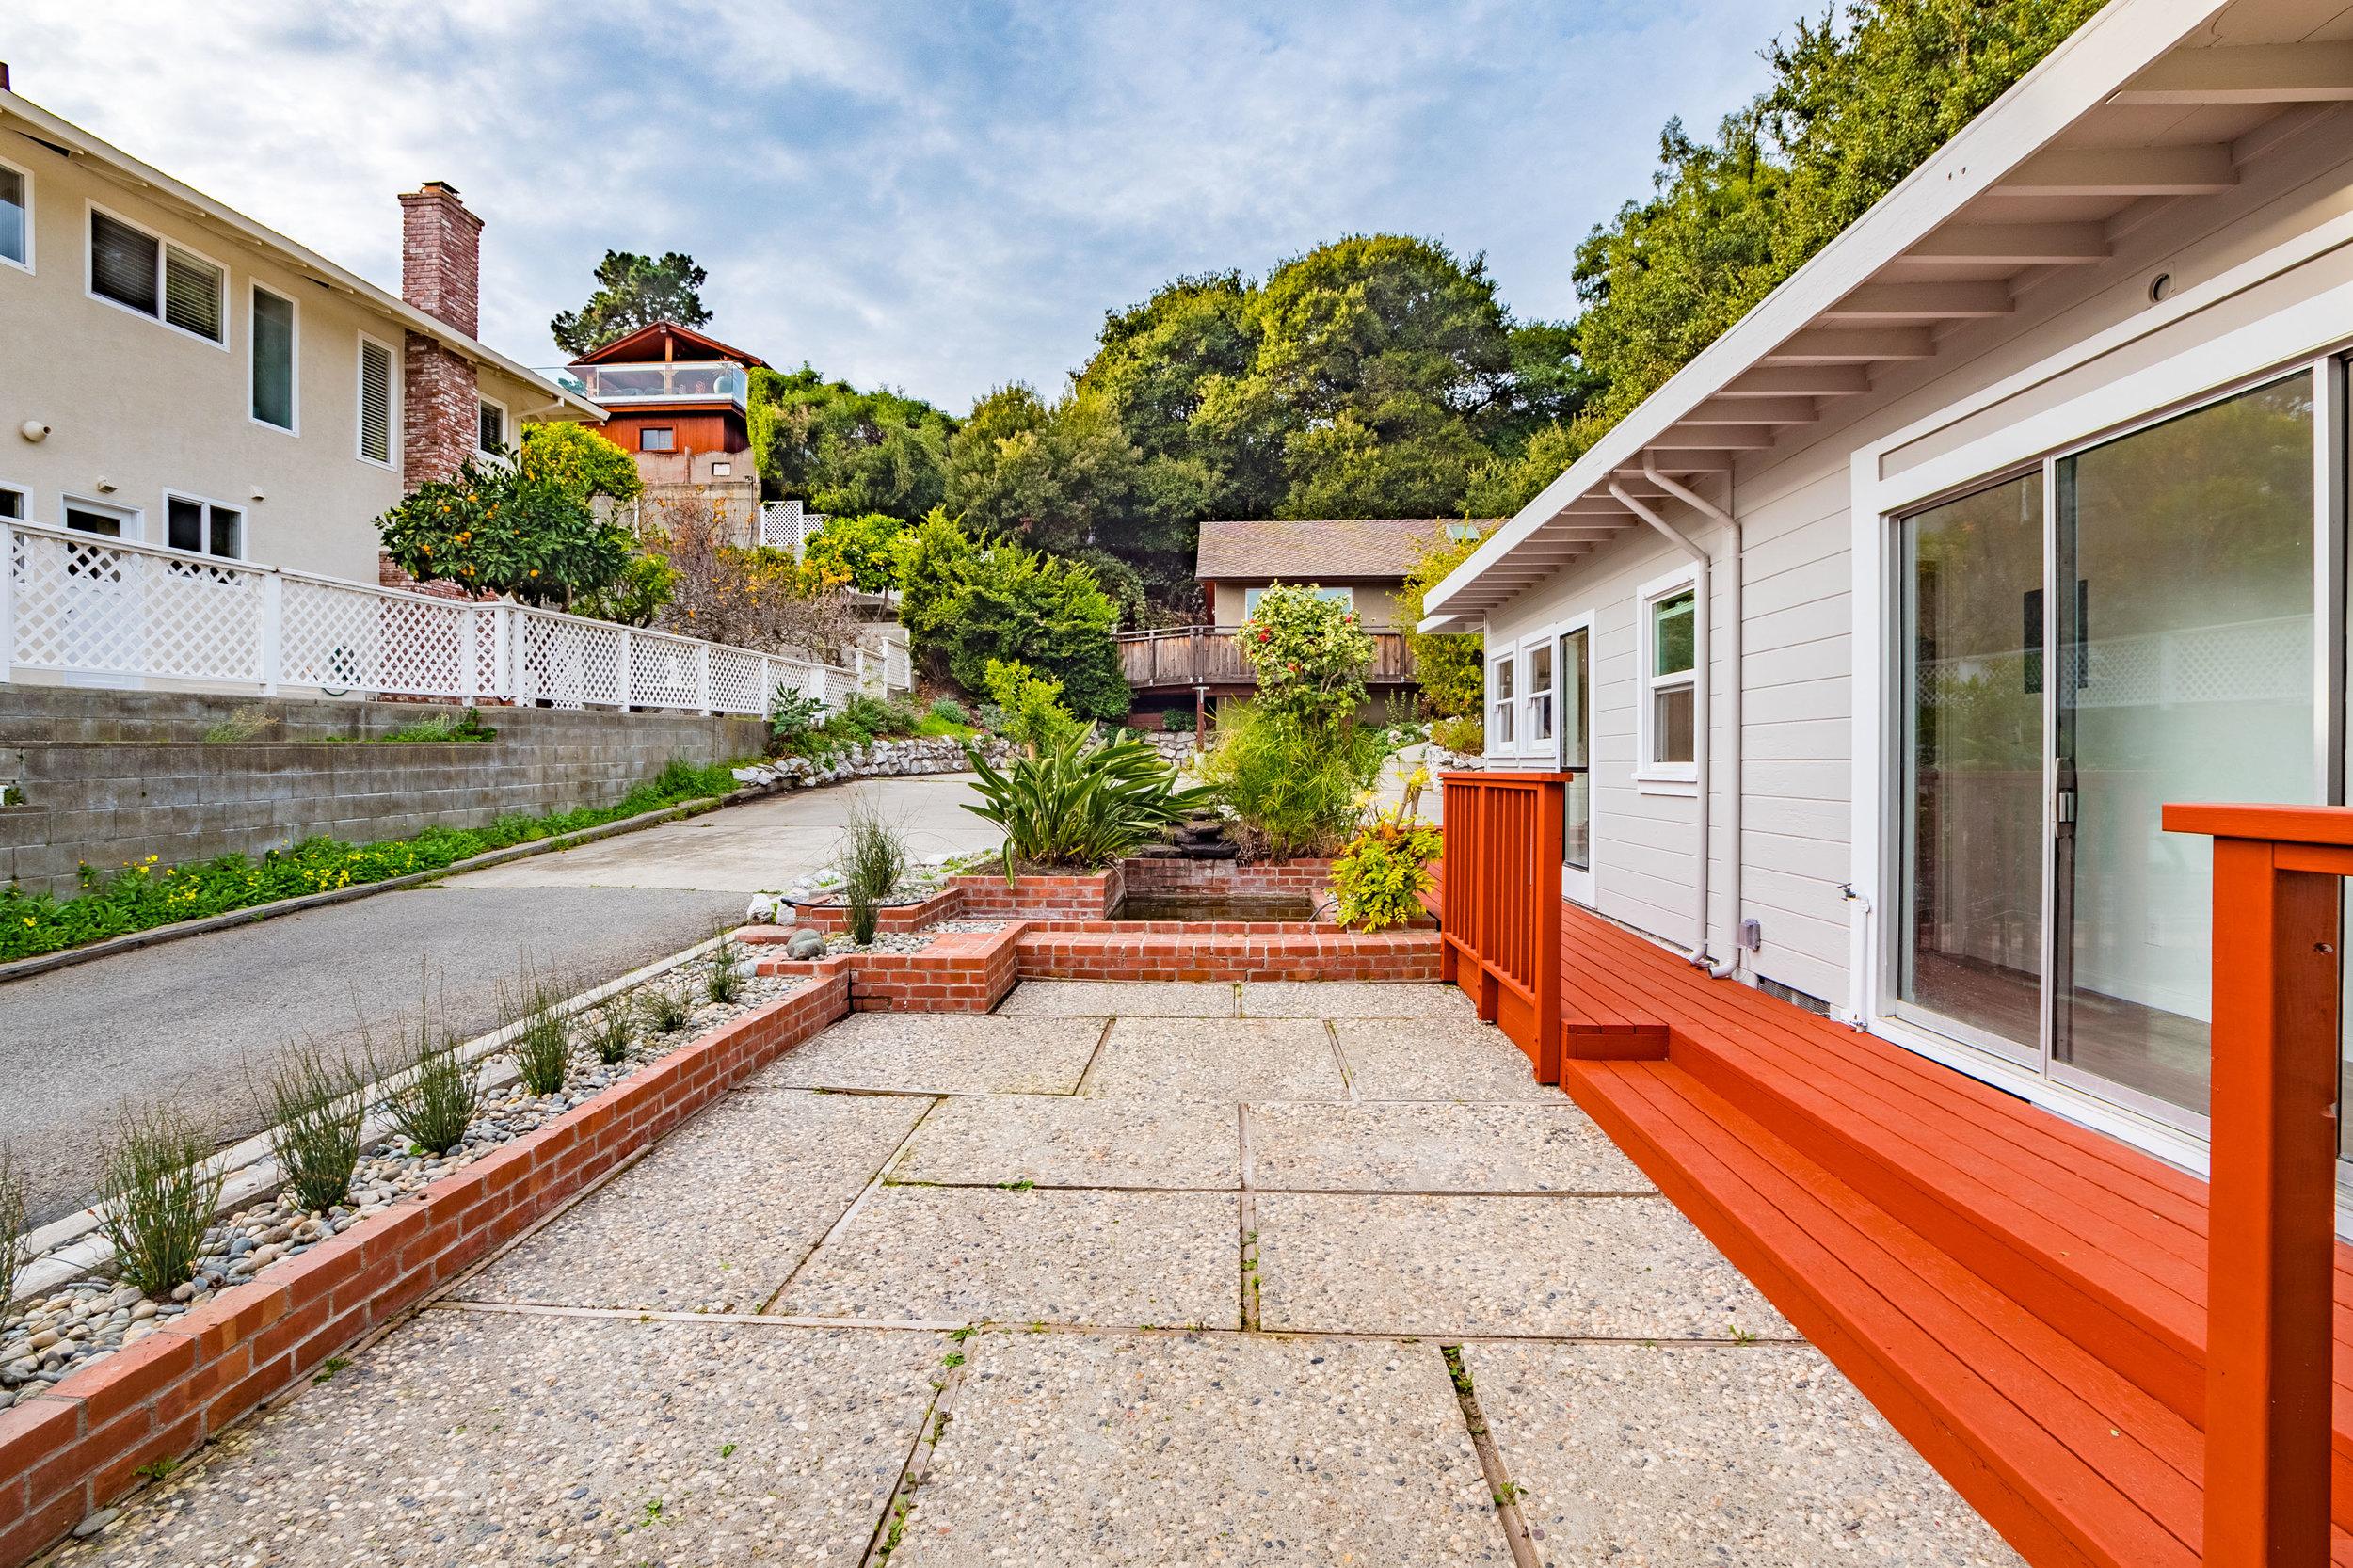 3 Bedroom House in Santa Cruz For Sale